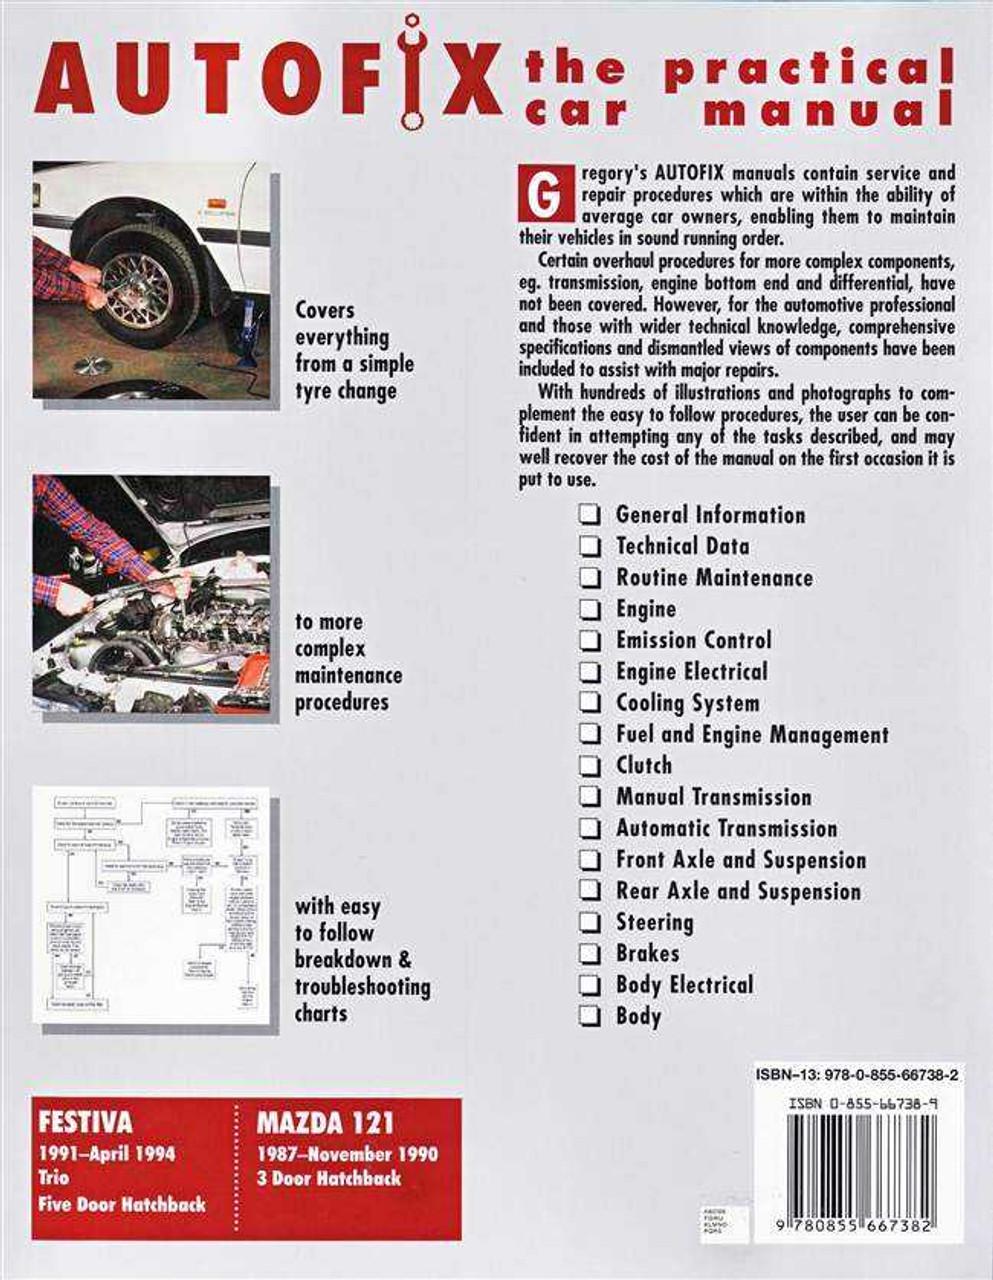 1997 ford festiva workshop manual